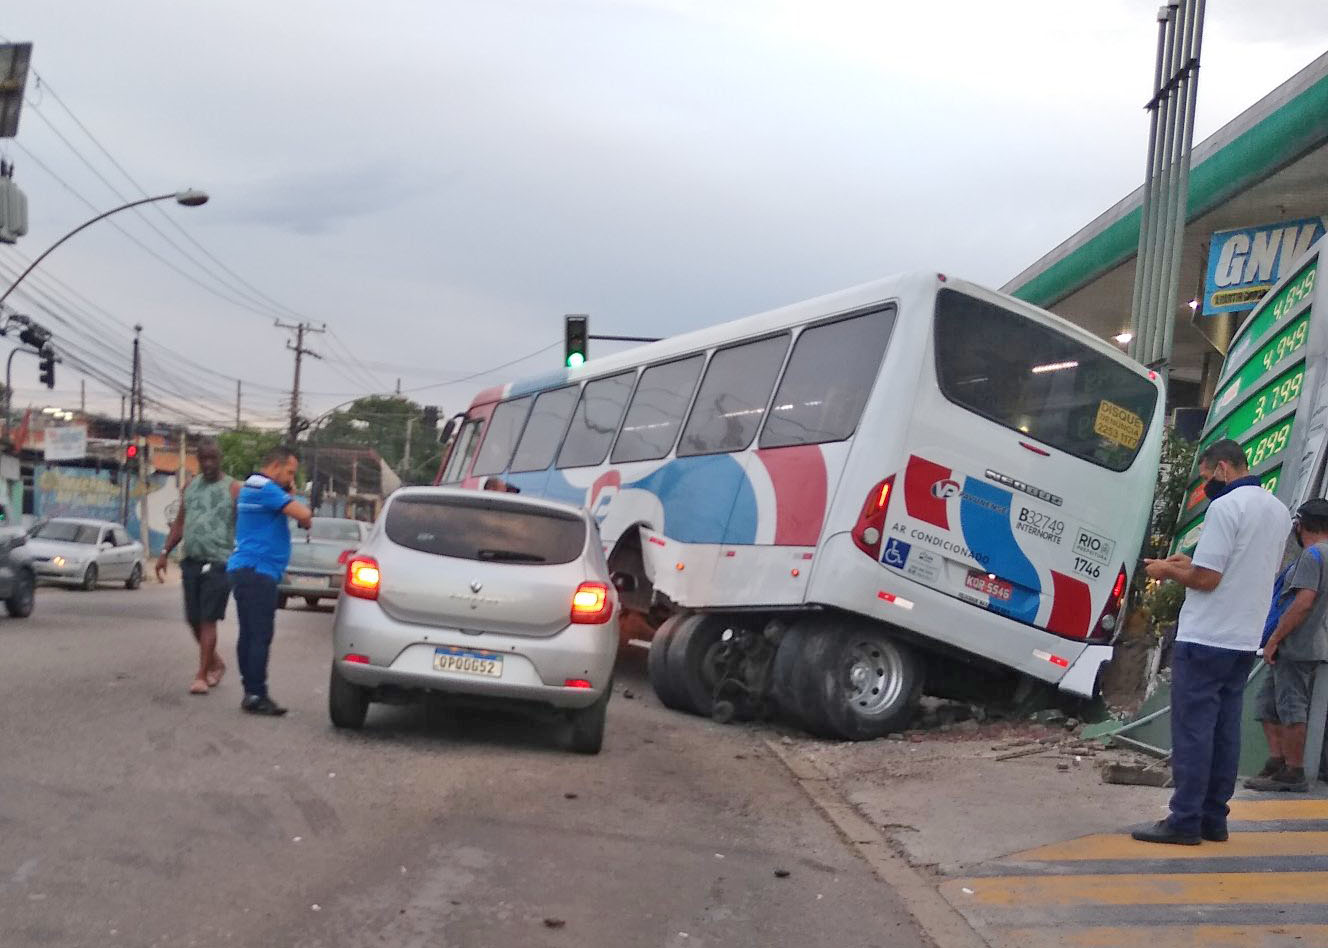 Vídeo: Ônibus da Viação Pavunense perde o eixo traseiro na Zona Norte do Rio de Janeiro